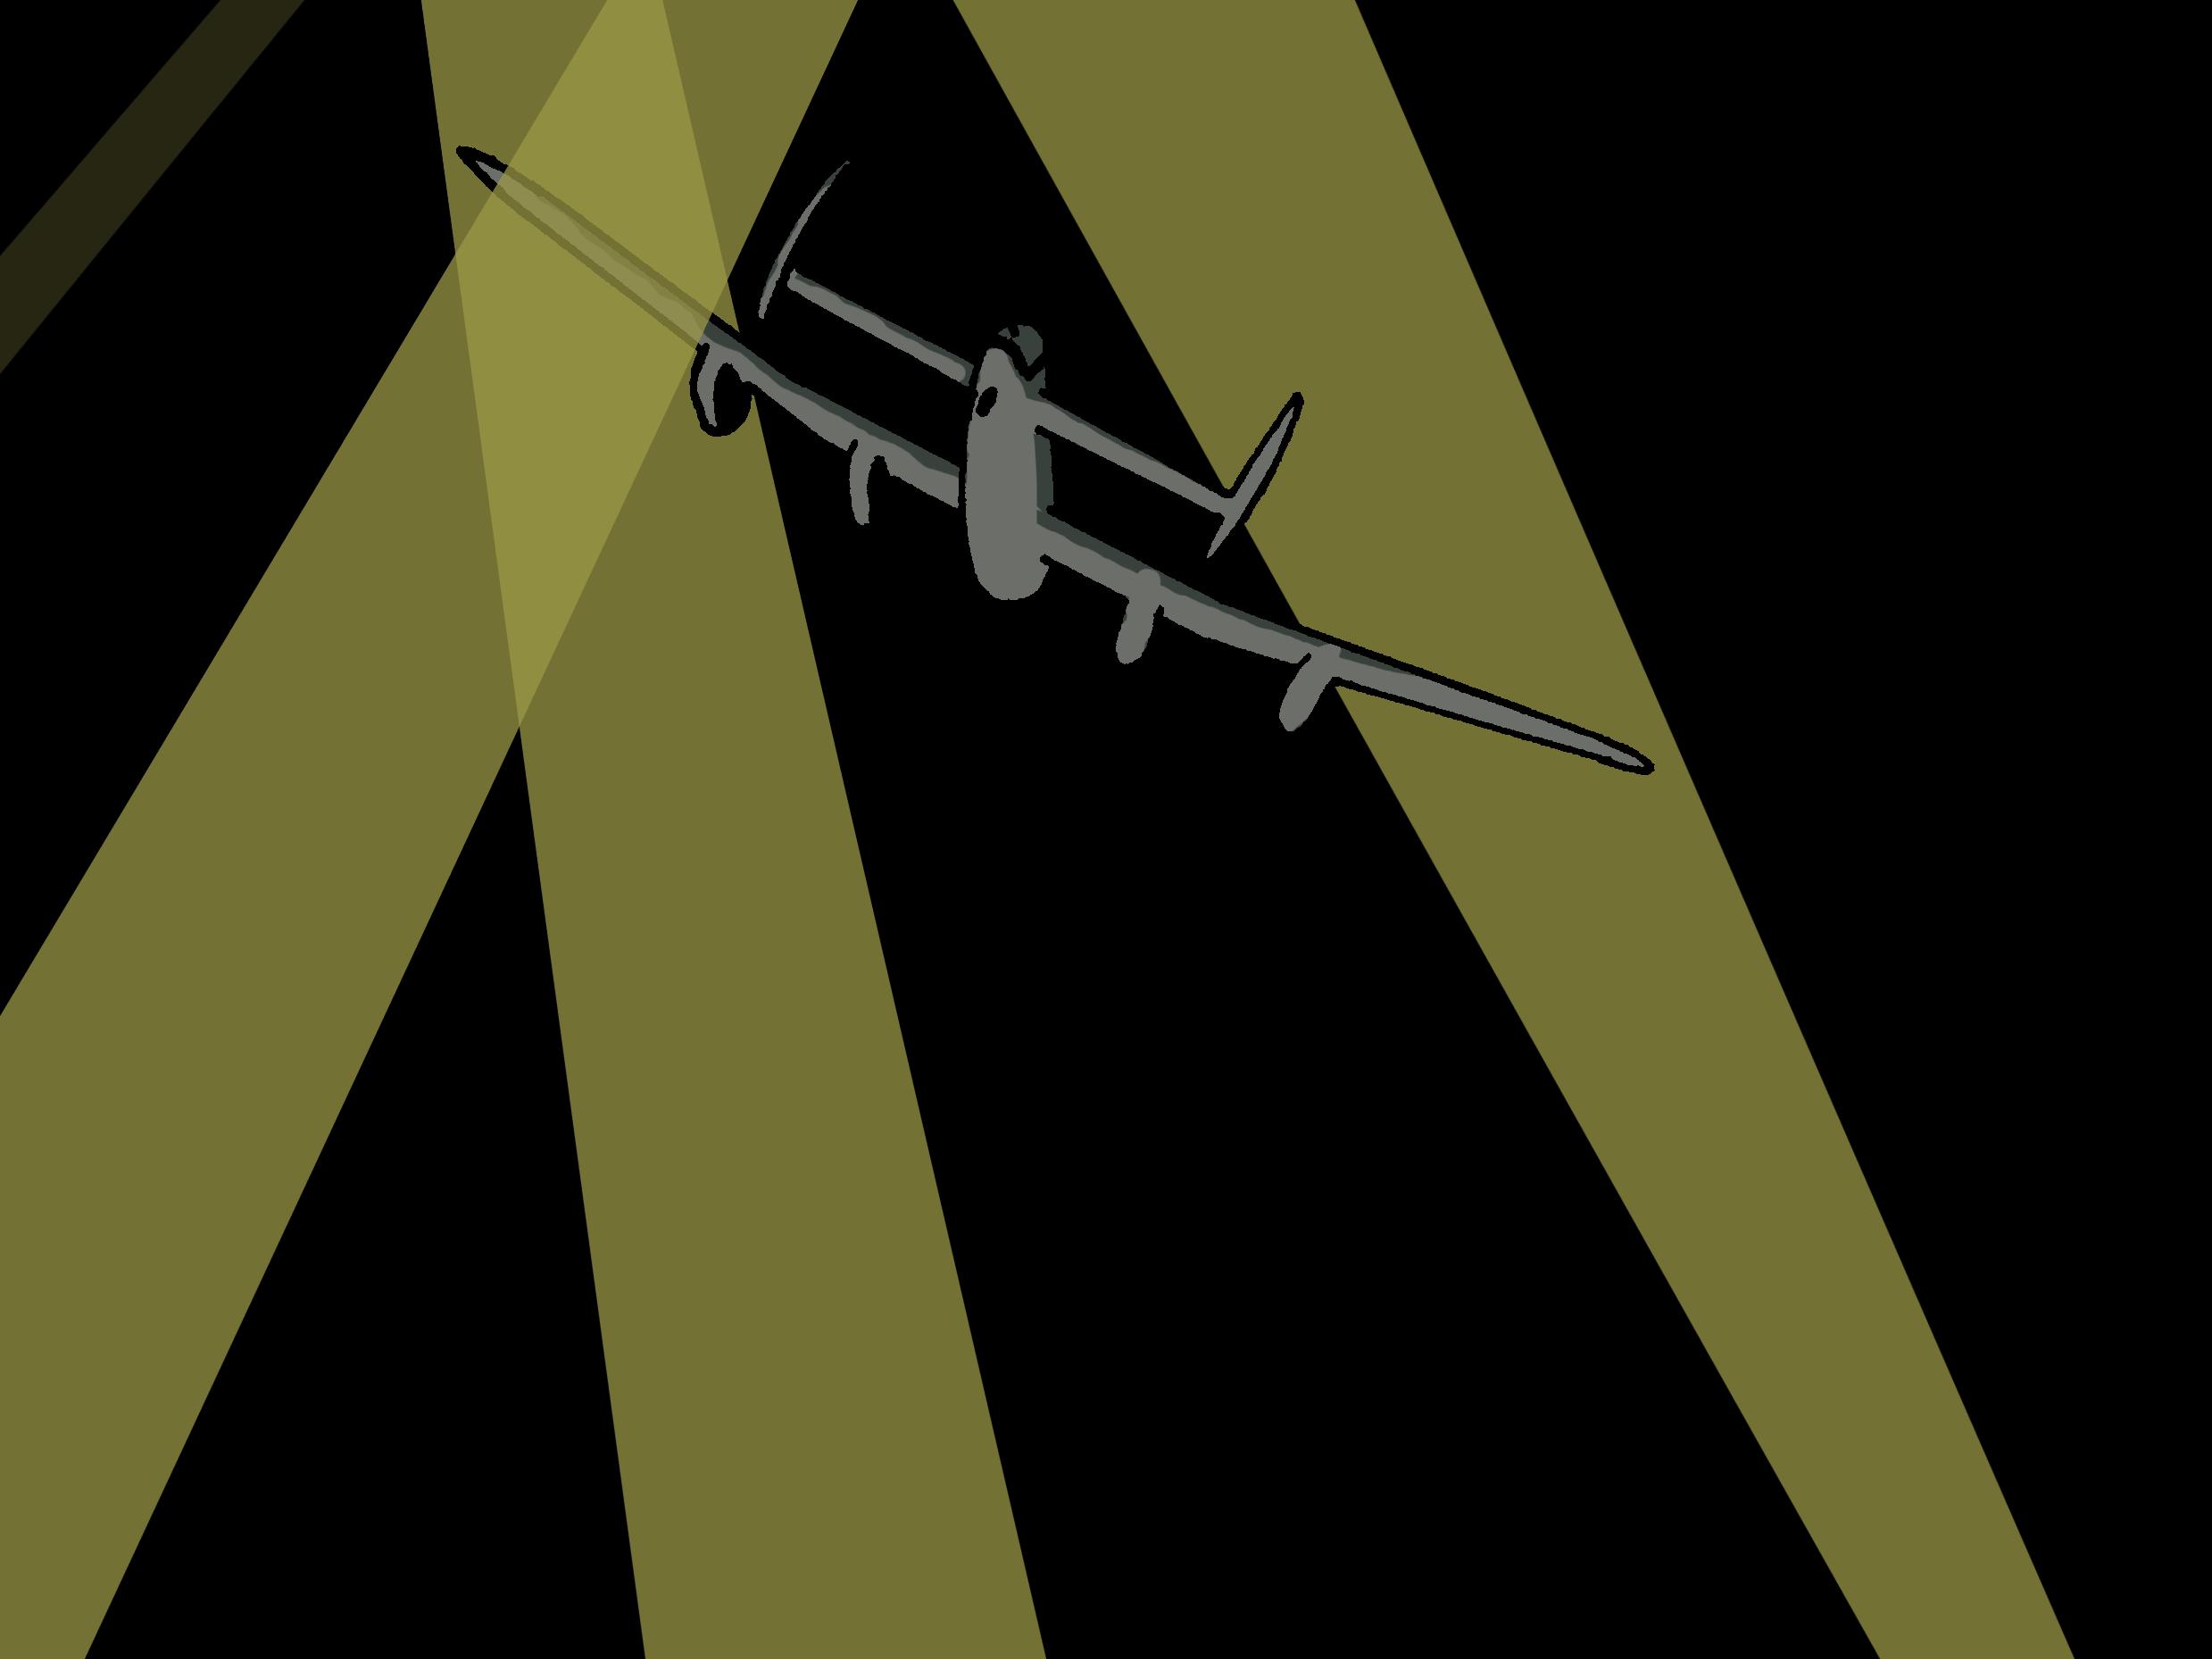 Projecteurs lumineux dirigés vers un bombardier